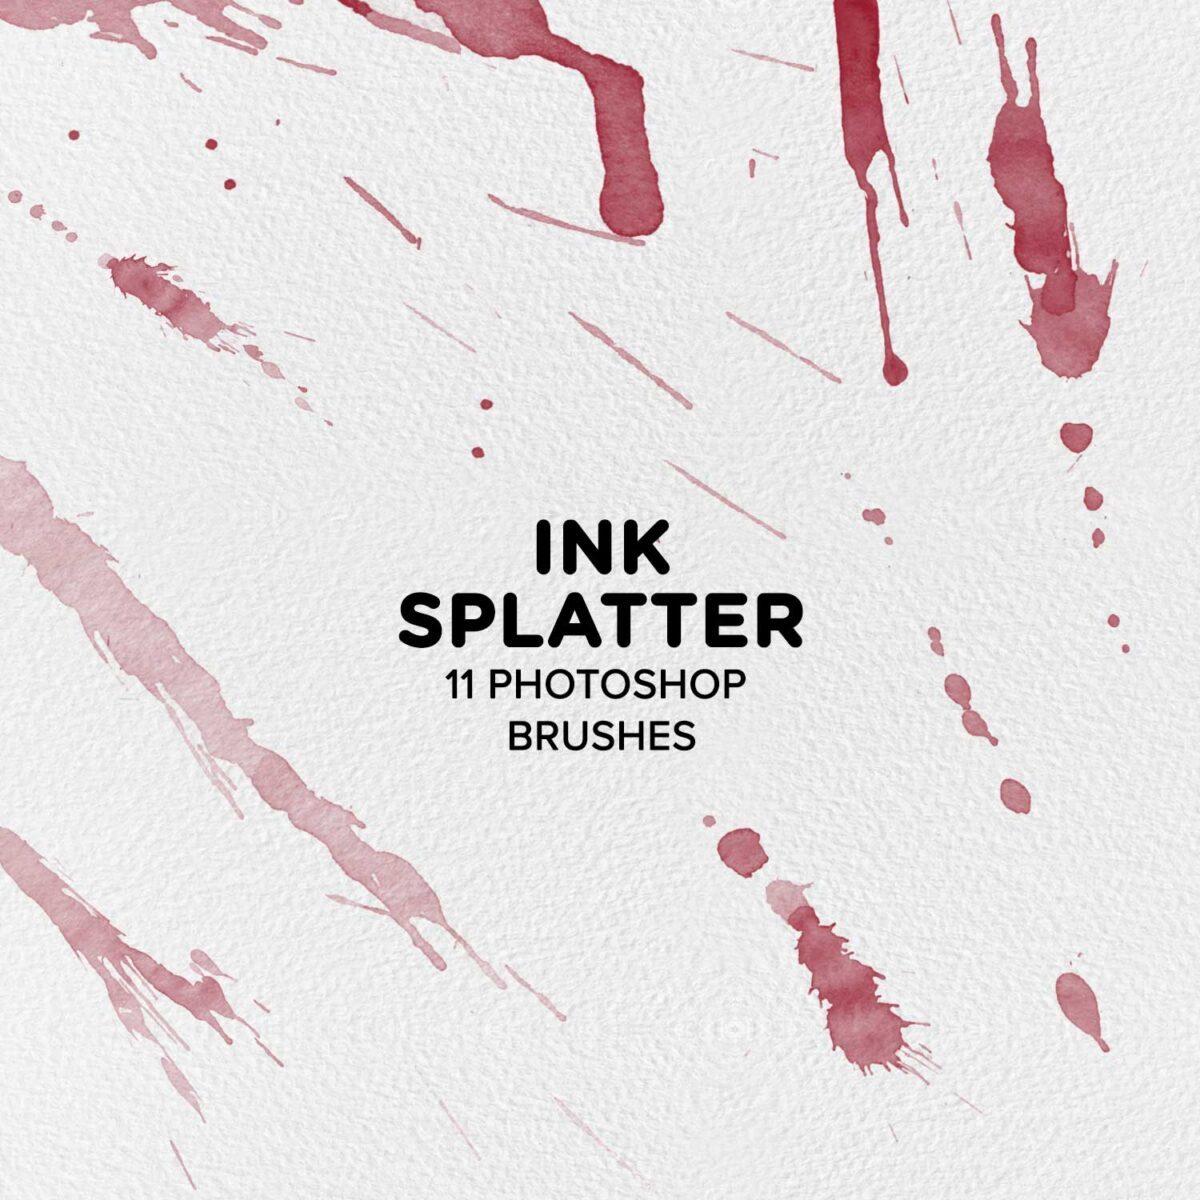 Ink Splatter 11 Photoshop Brushes